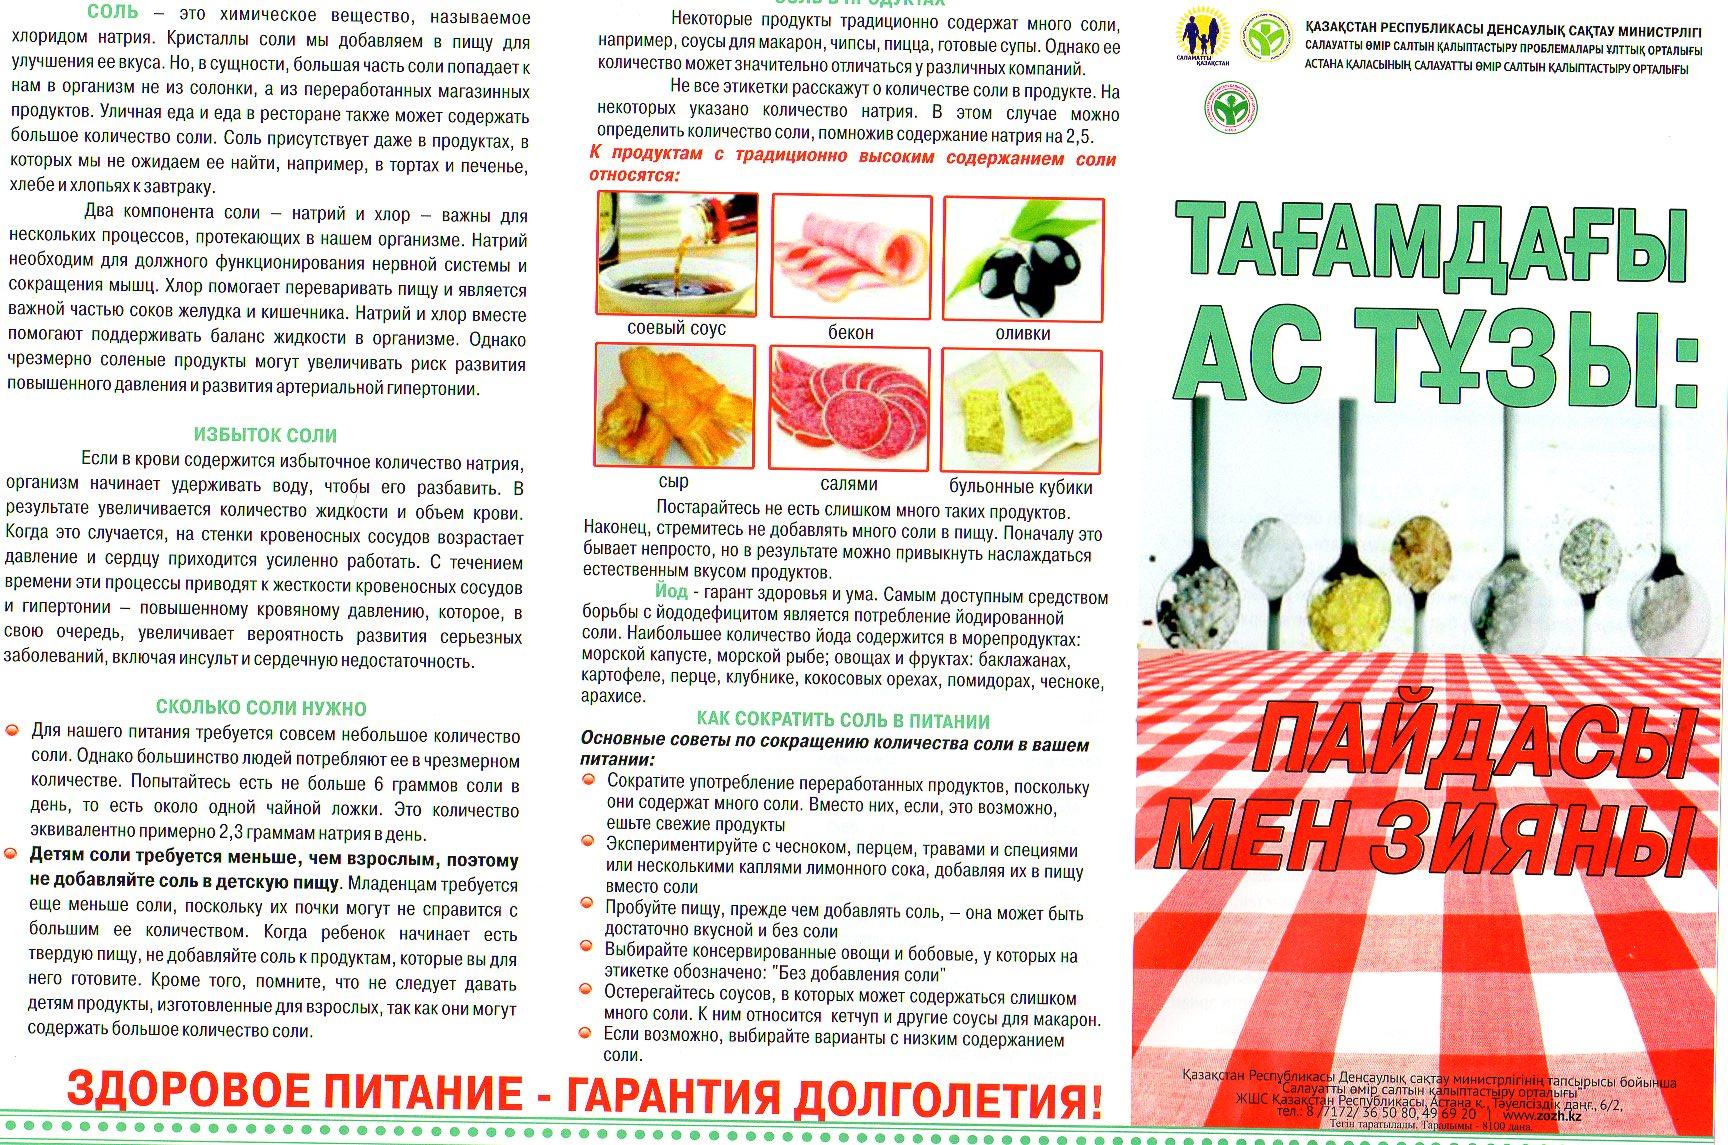 Поликлиника самарского района днепропетровск